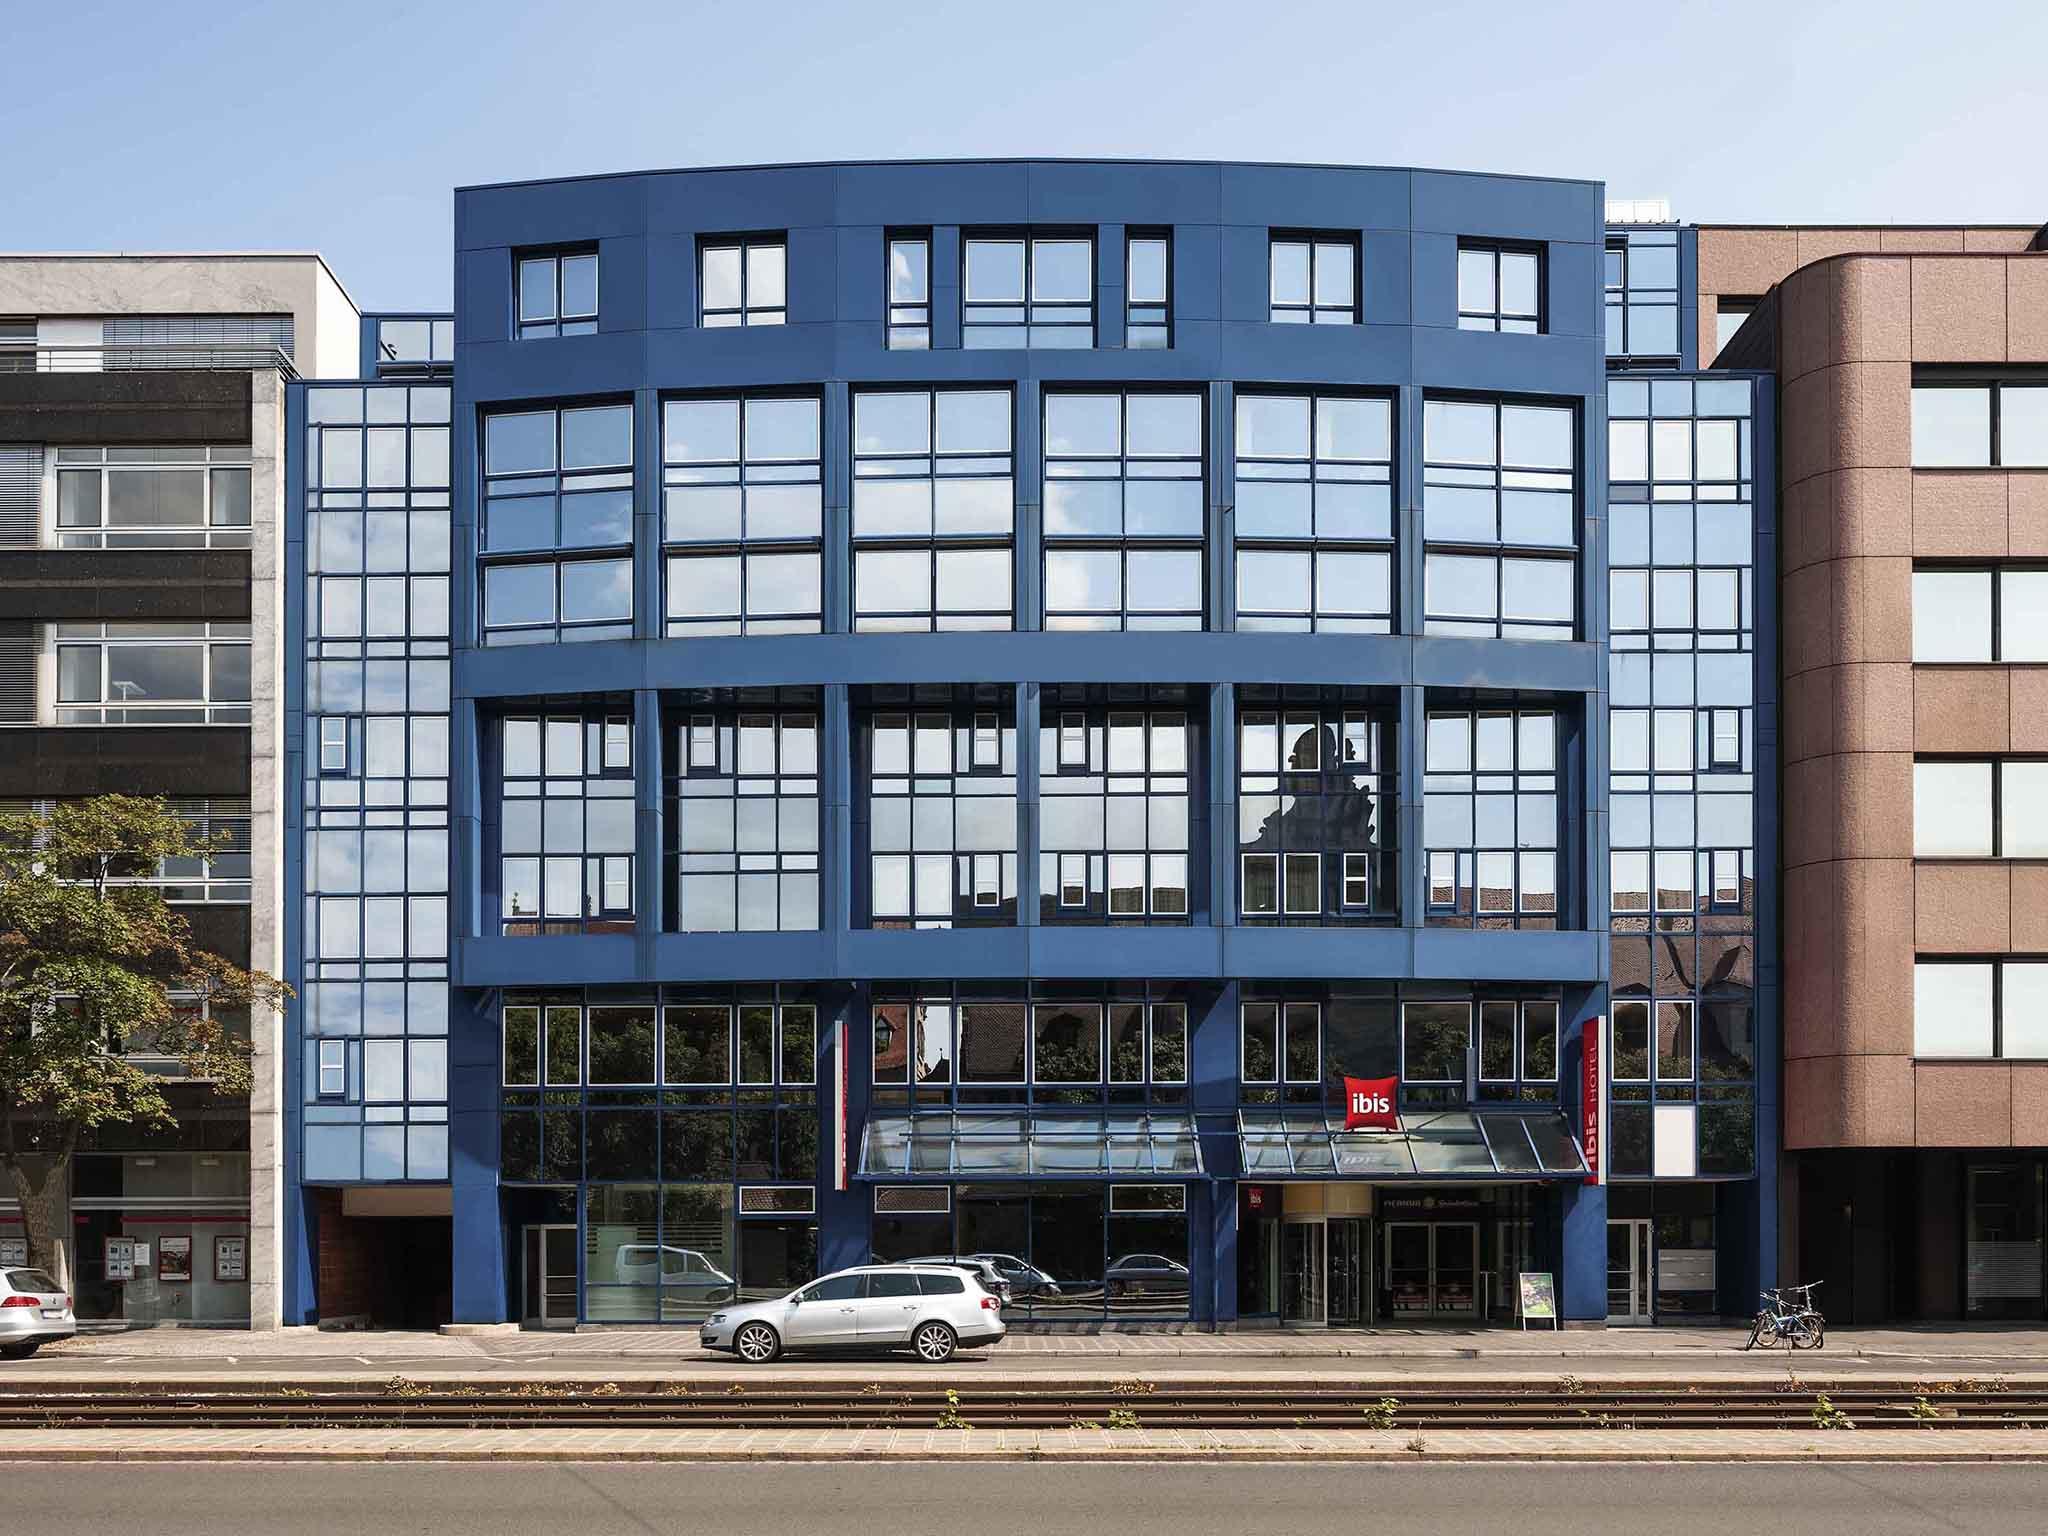 ホテル – イビスニュルンベルクハウプトバーンホフ